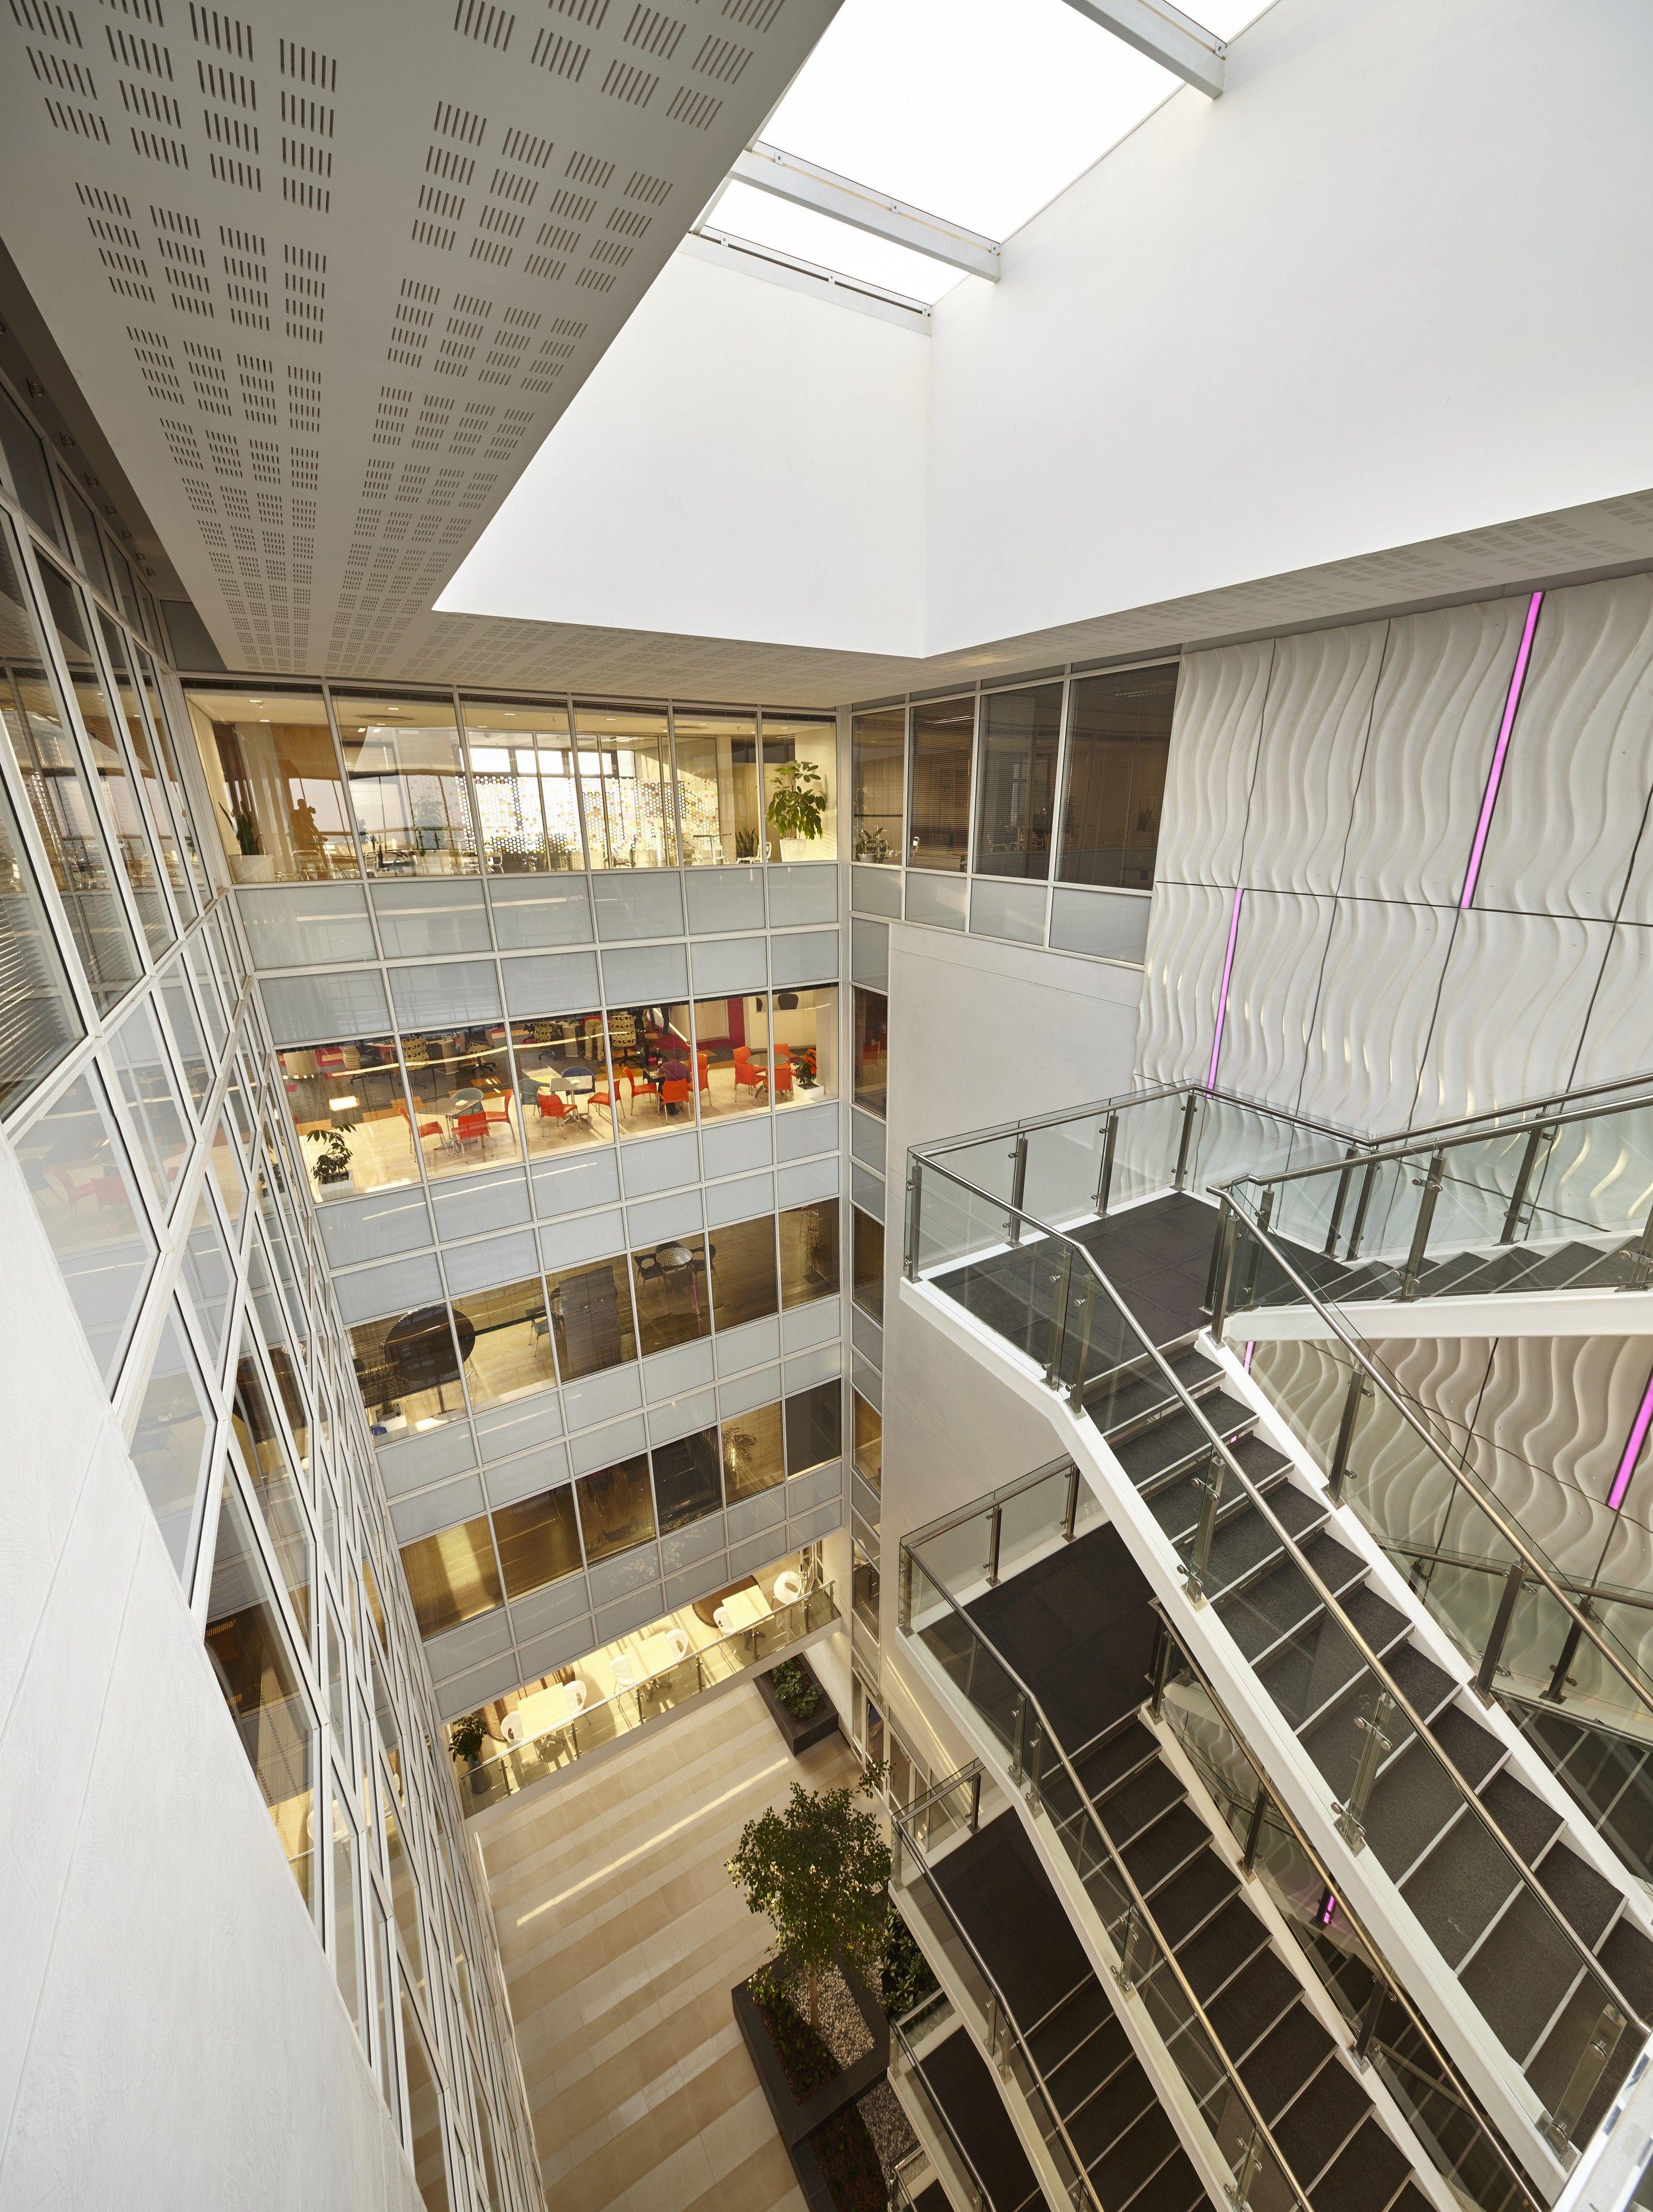 #EPA #RewardsCo #Commercial #Office #Umhlanga #Barcode #Façade #Glass #Landmark #Atrium